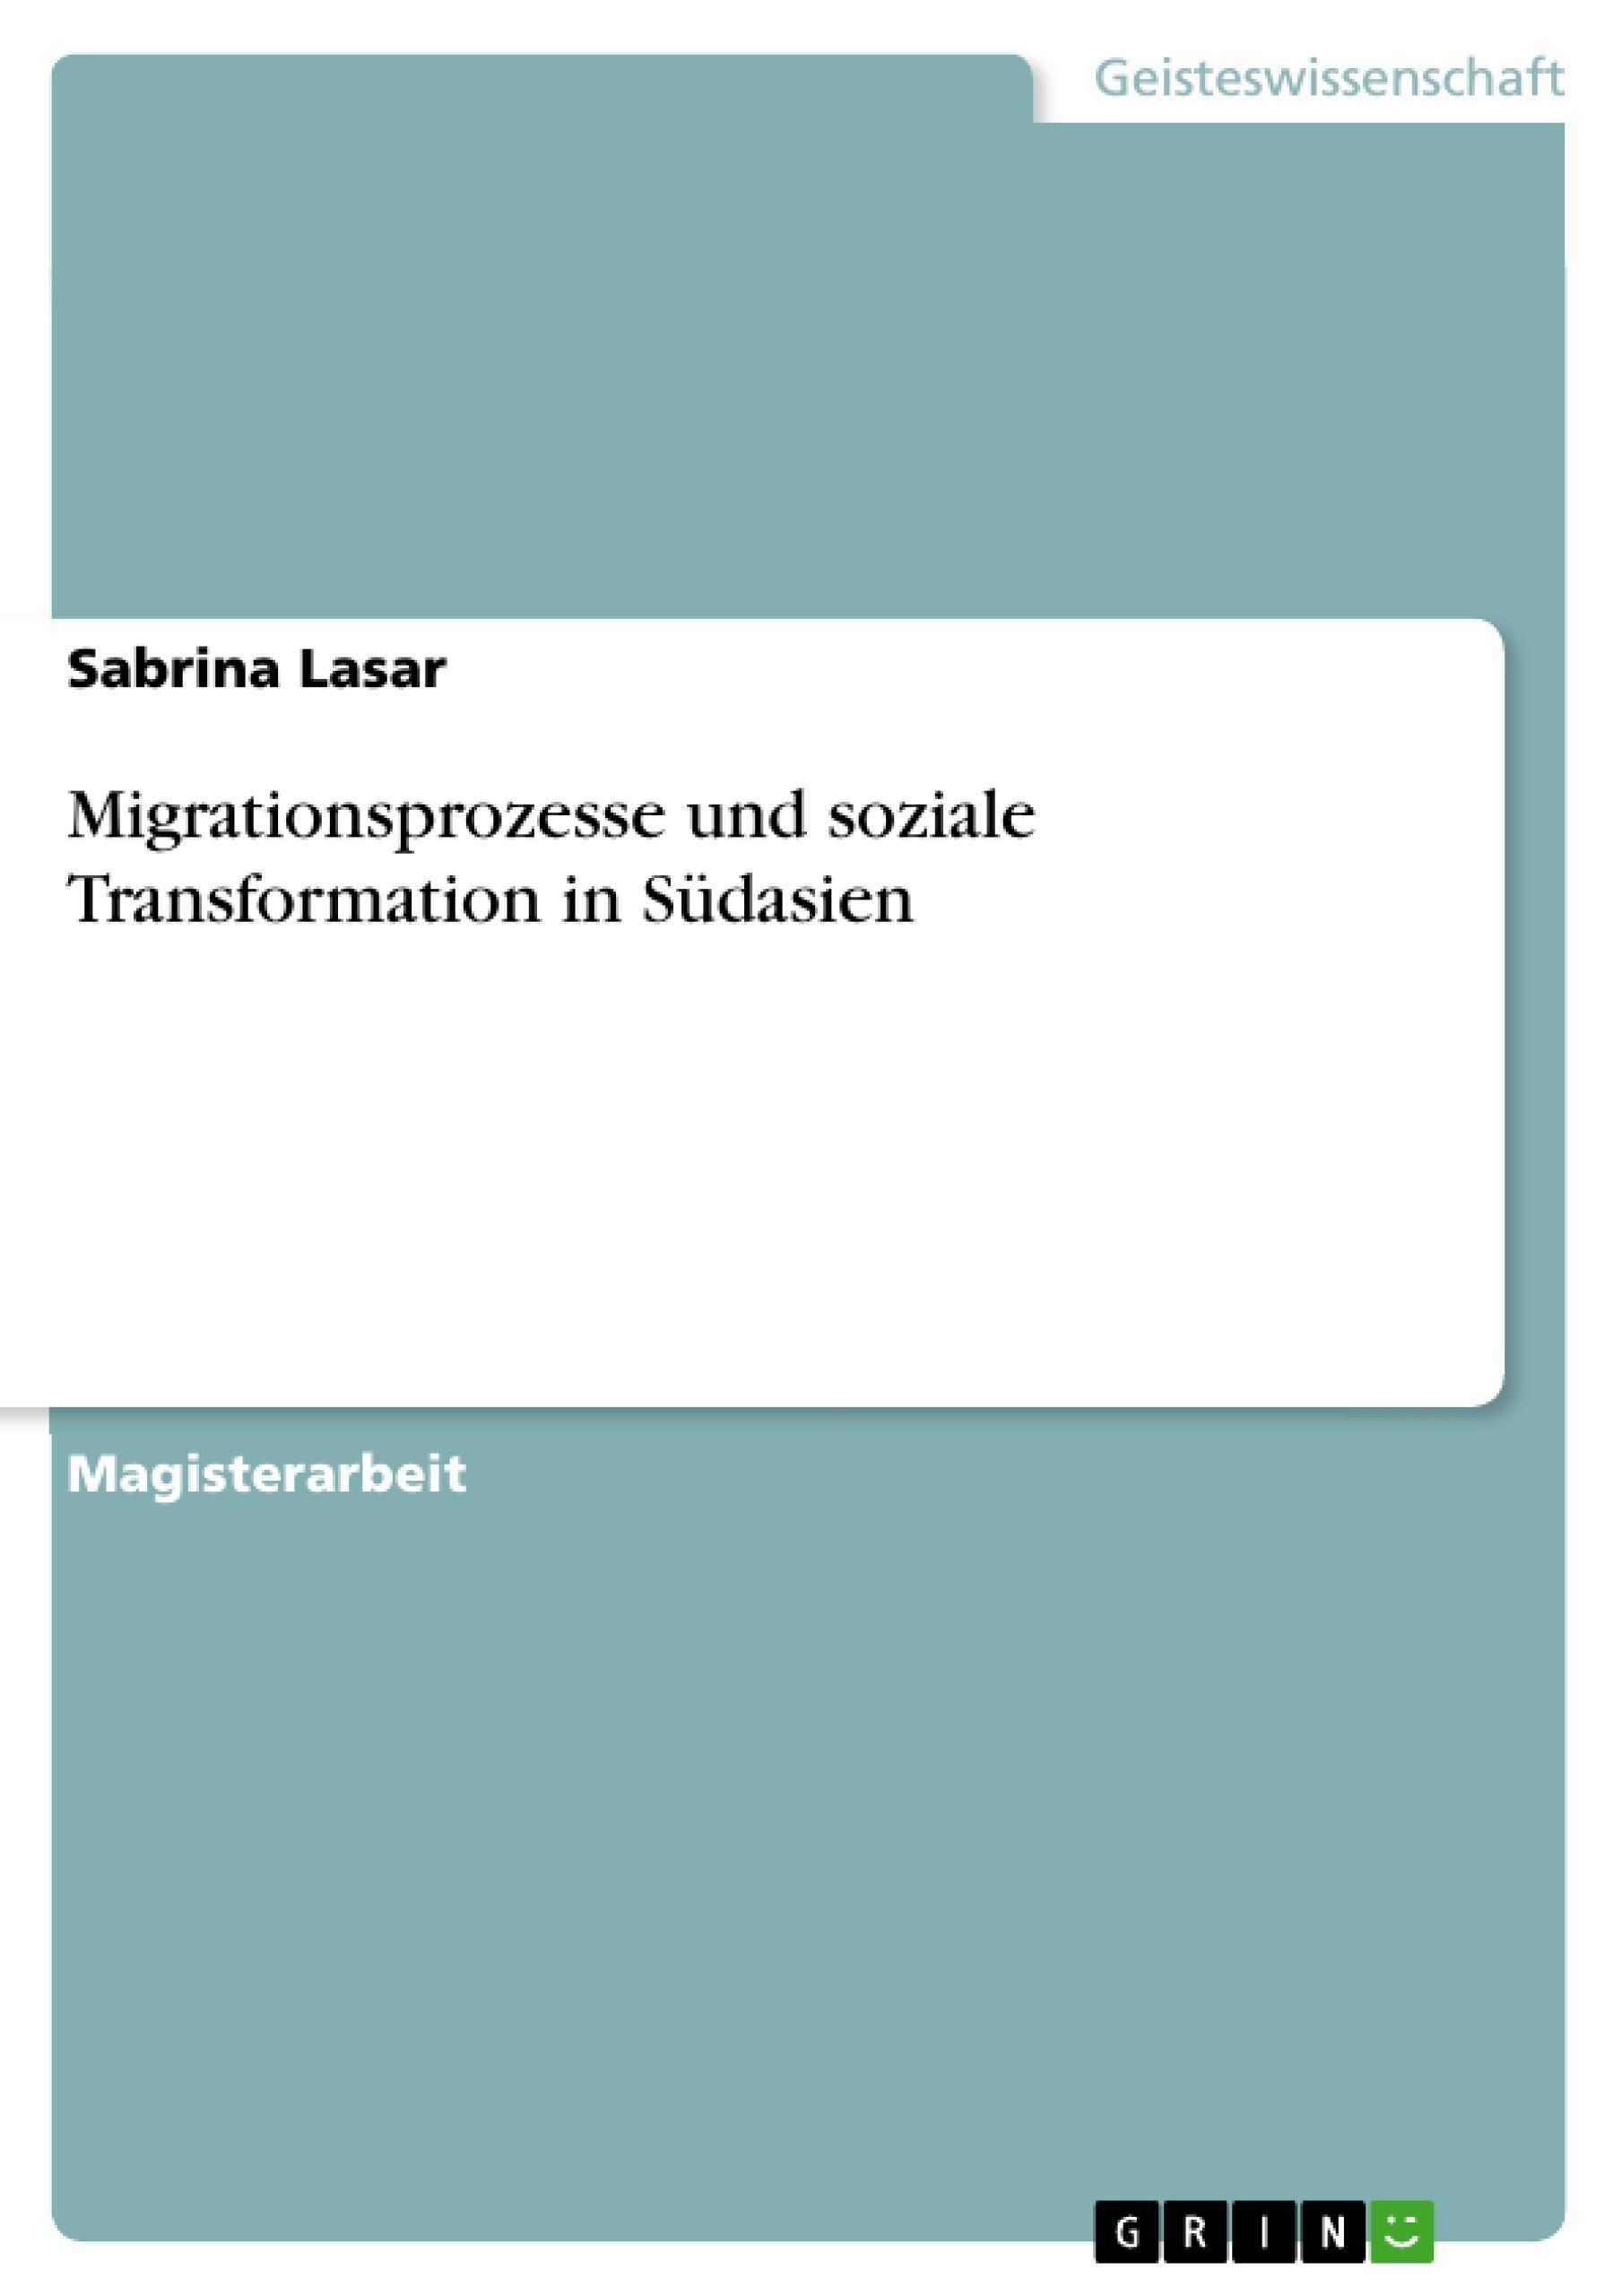 Titel: Migrationsprozesse und soziale Transformation in Südasien